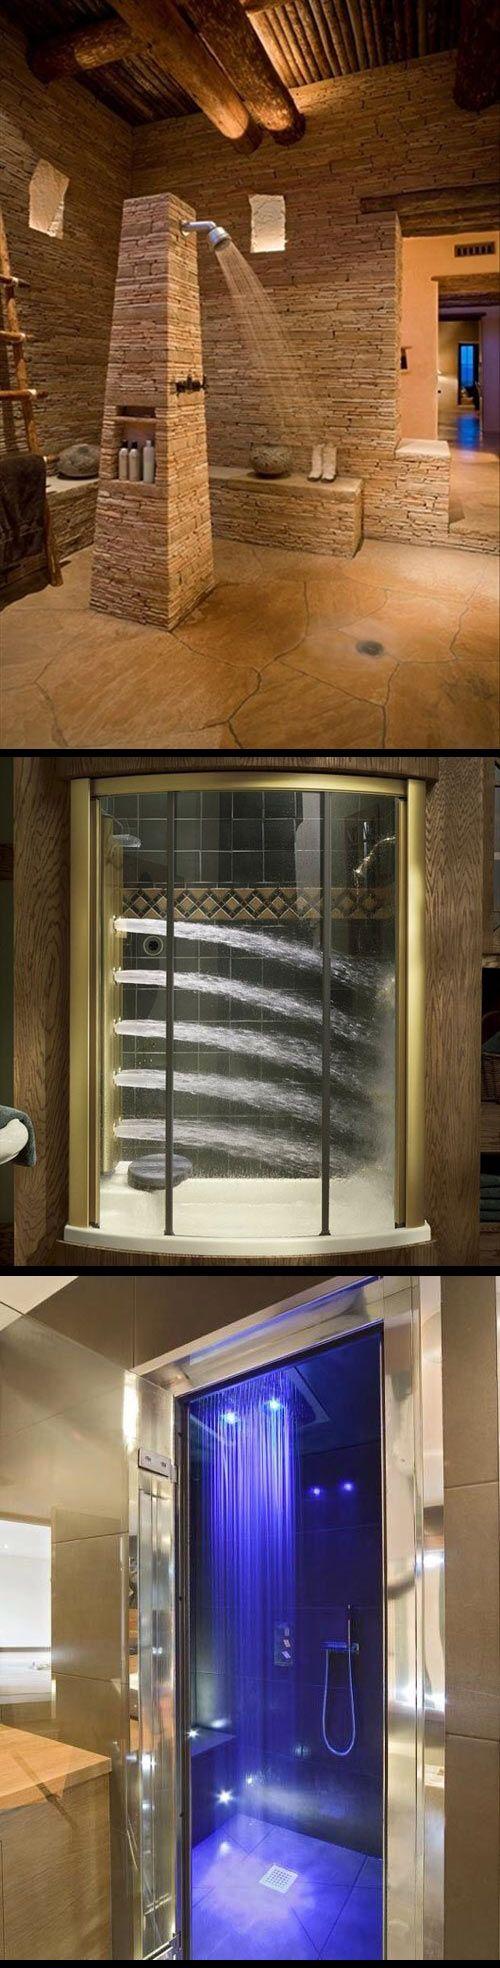 5 x 8 badezimmer design-ideen  best design images on pinterest  future house homemade home